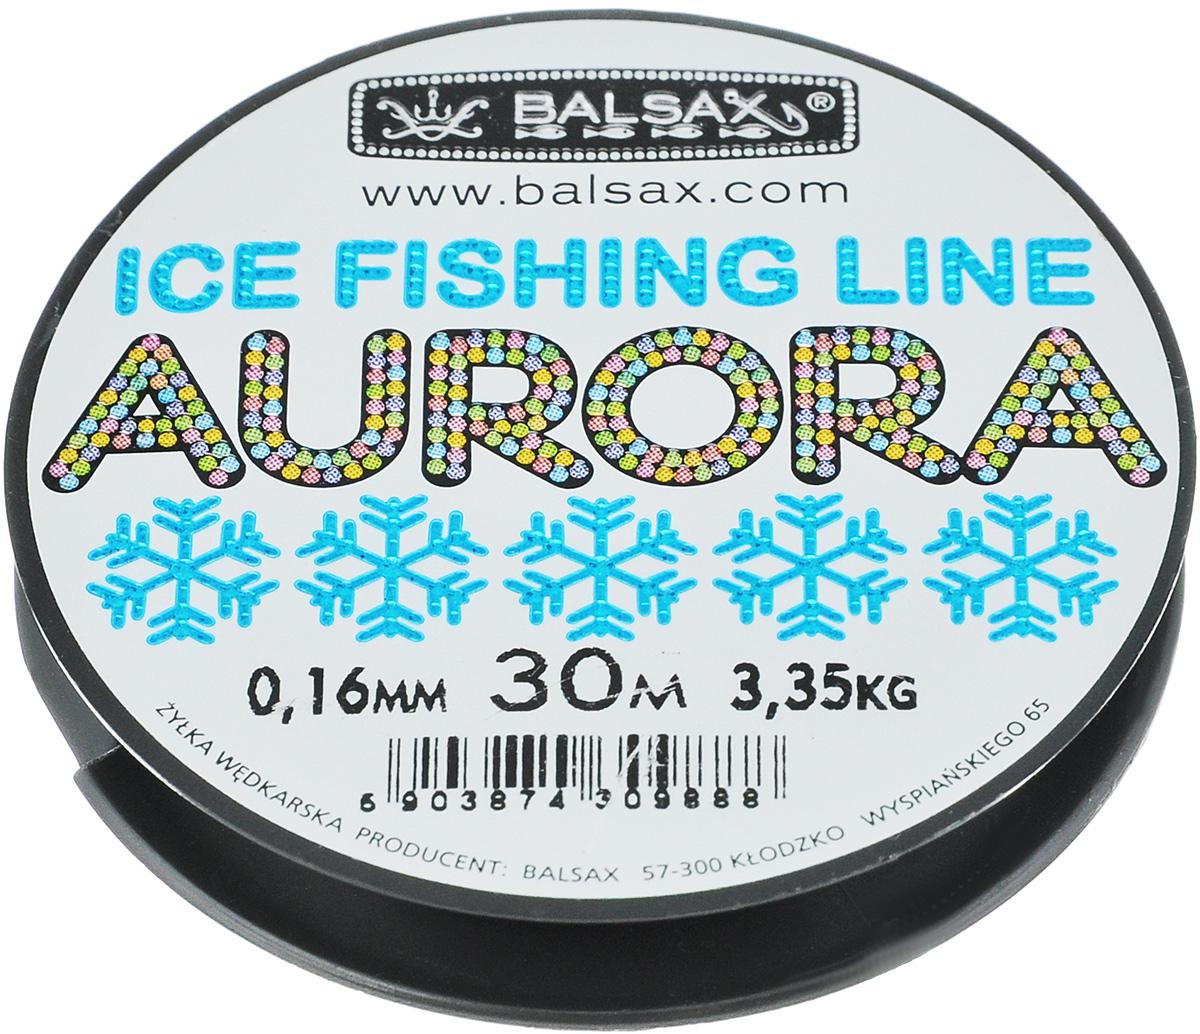 Леска зимняя Balsax Aurora, 30 м, 0,16 мм, 3,35 кг310-04016Леска зимняя Balsax Aurora изготовлена из 100% нейлона иочень хорошо выдерживает низкие температуры. Поверхность лески обработана таким образом, что она необмерзает и отлично подходит для подледного лова. Прочна вместах вязки узлов даже при минимальном диаметре.